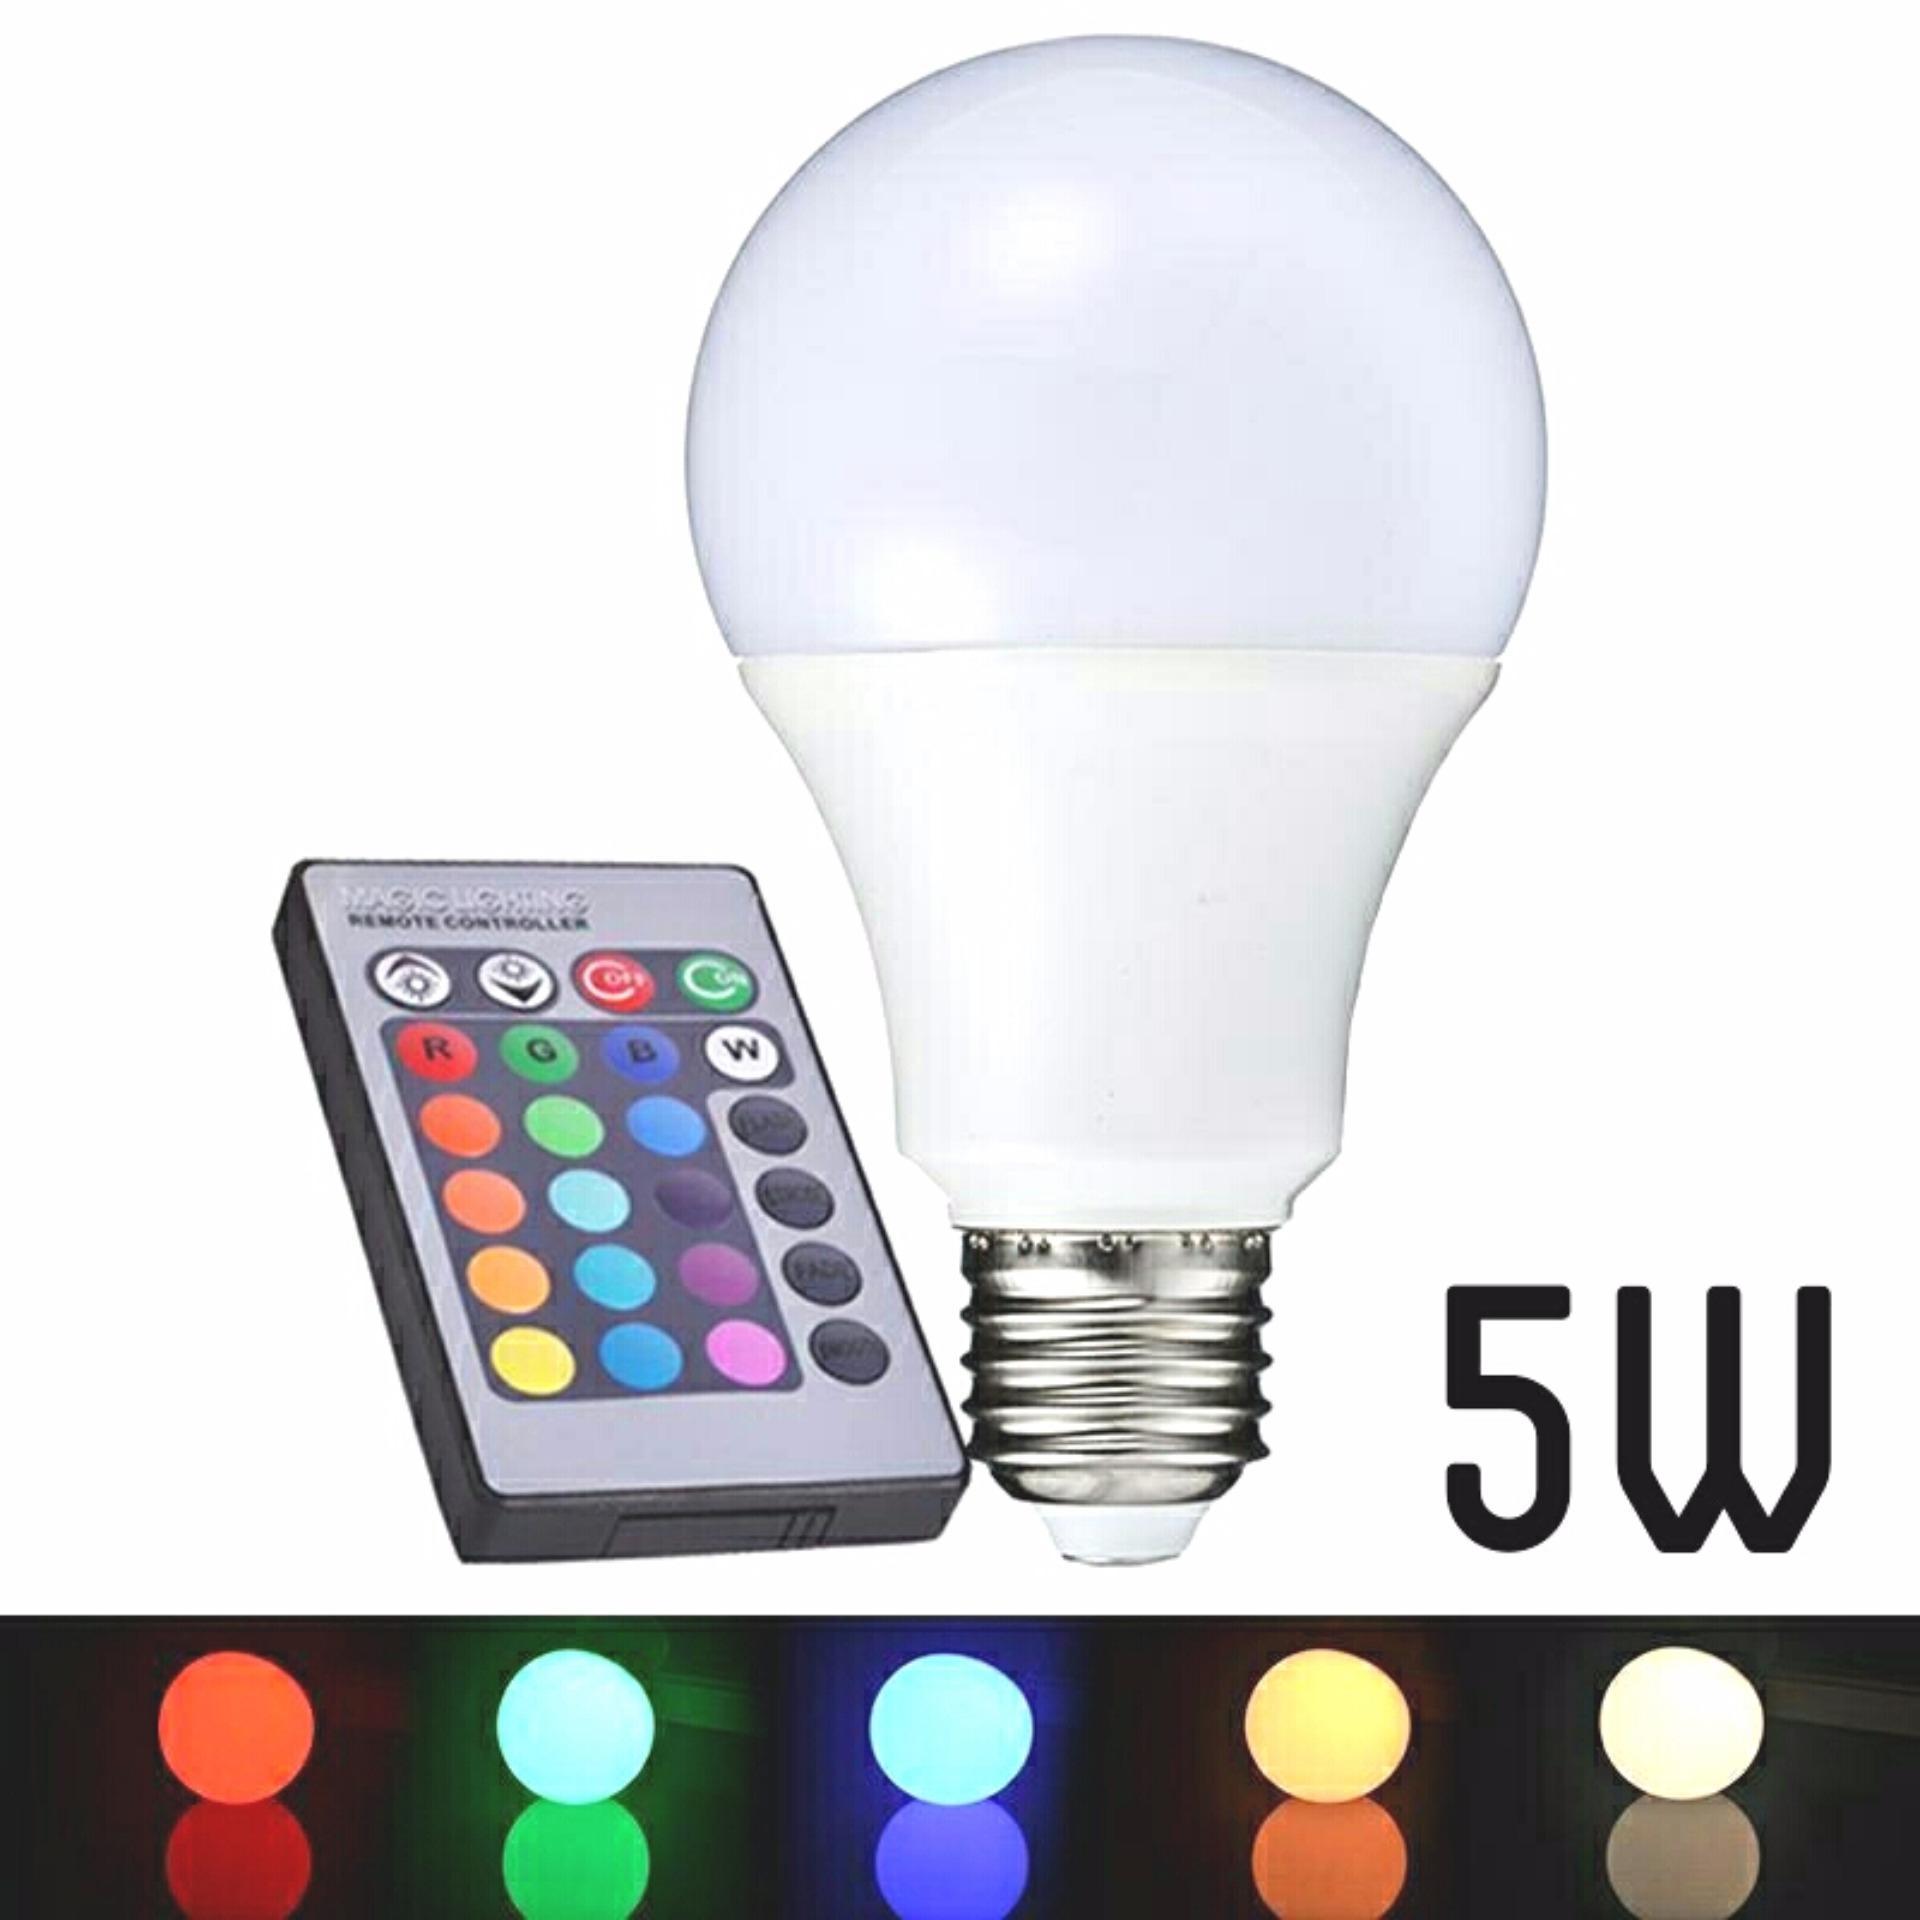 Beli Led Color 16 Warna 5 Watt Dengan Remote Control Baru